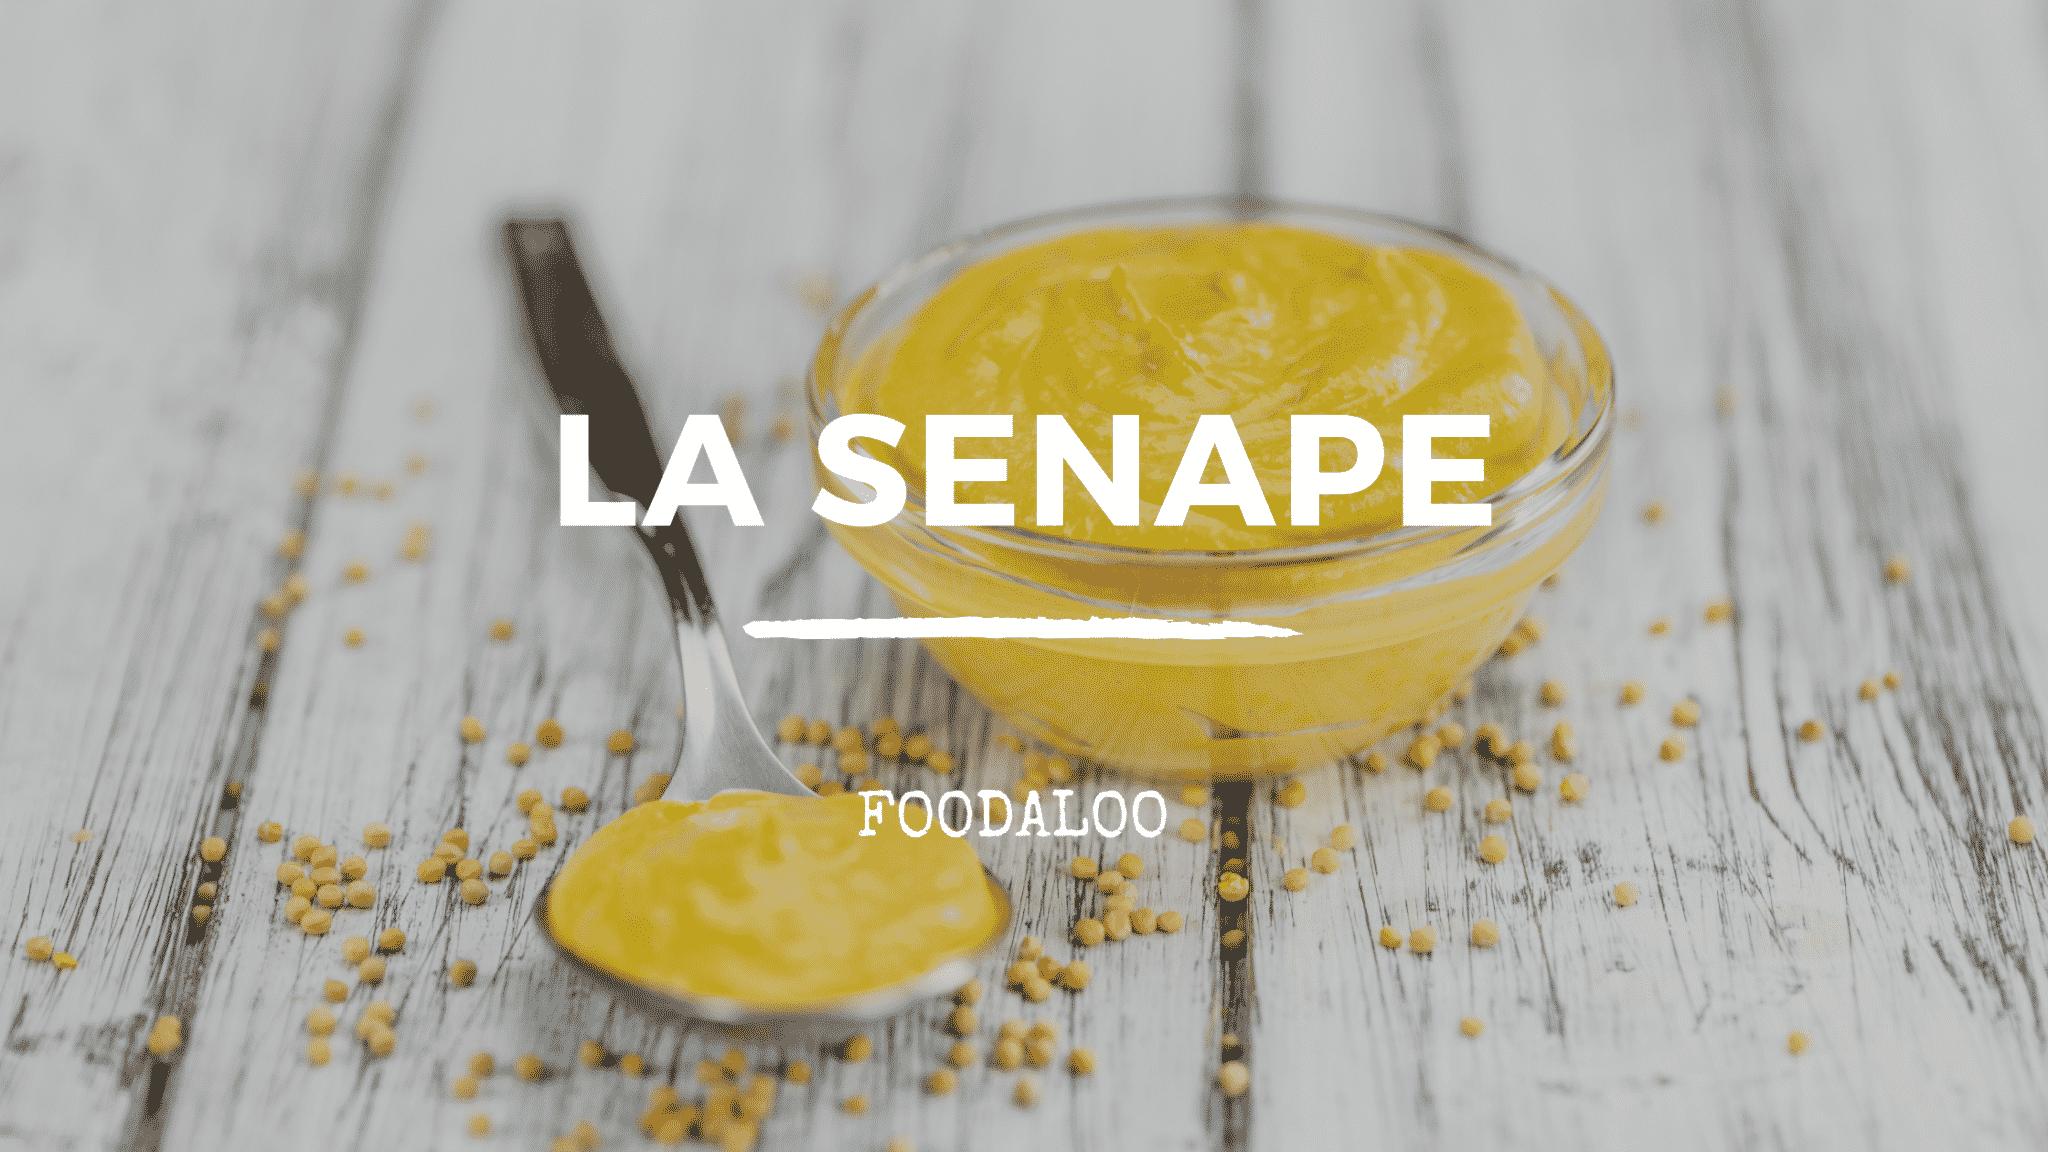 Mostarda e senape differenze, peculiarità e ricette